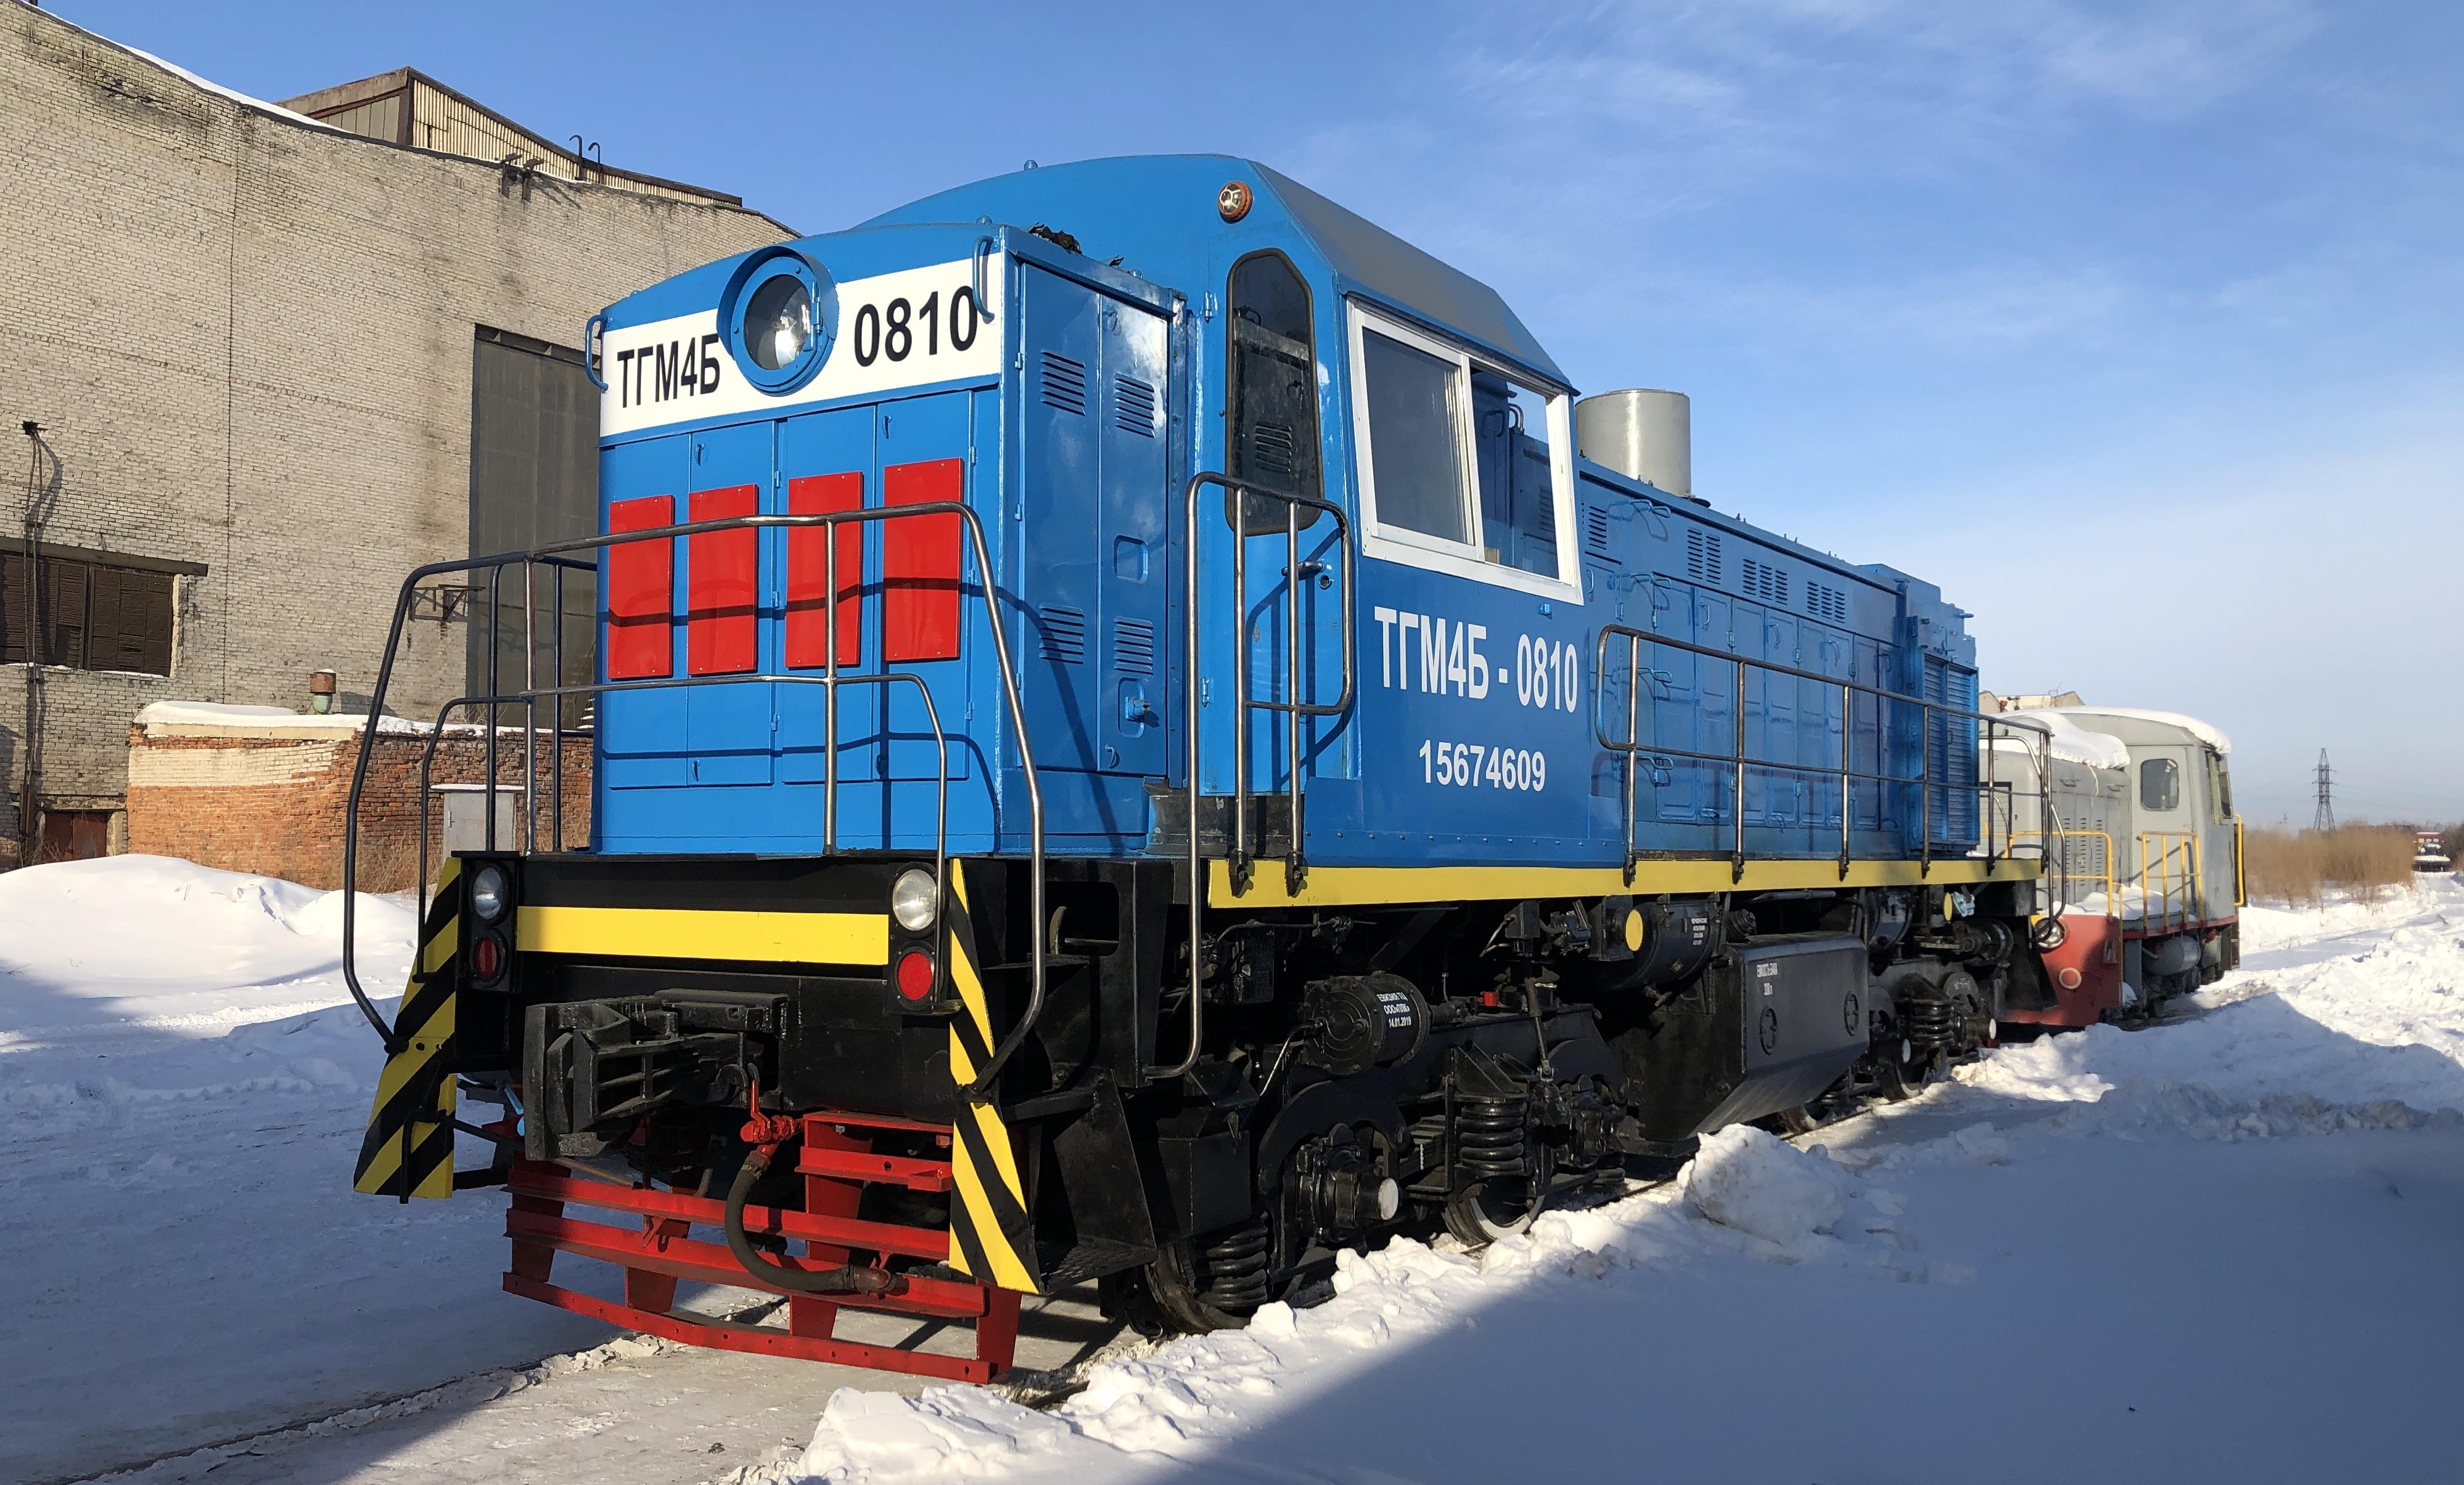 купить тепловоз ТГМ-4Б